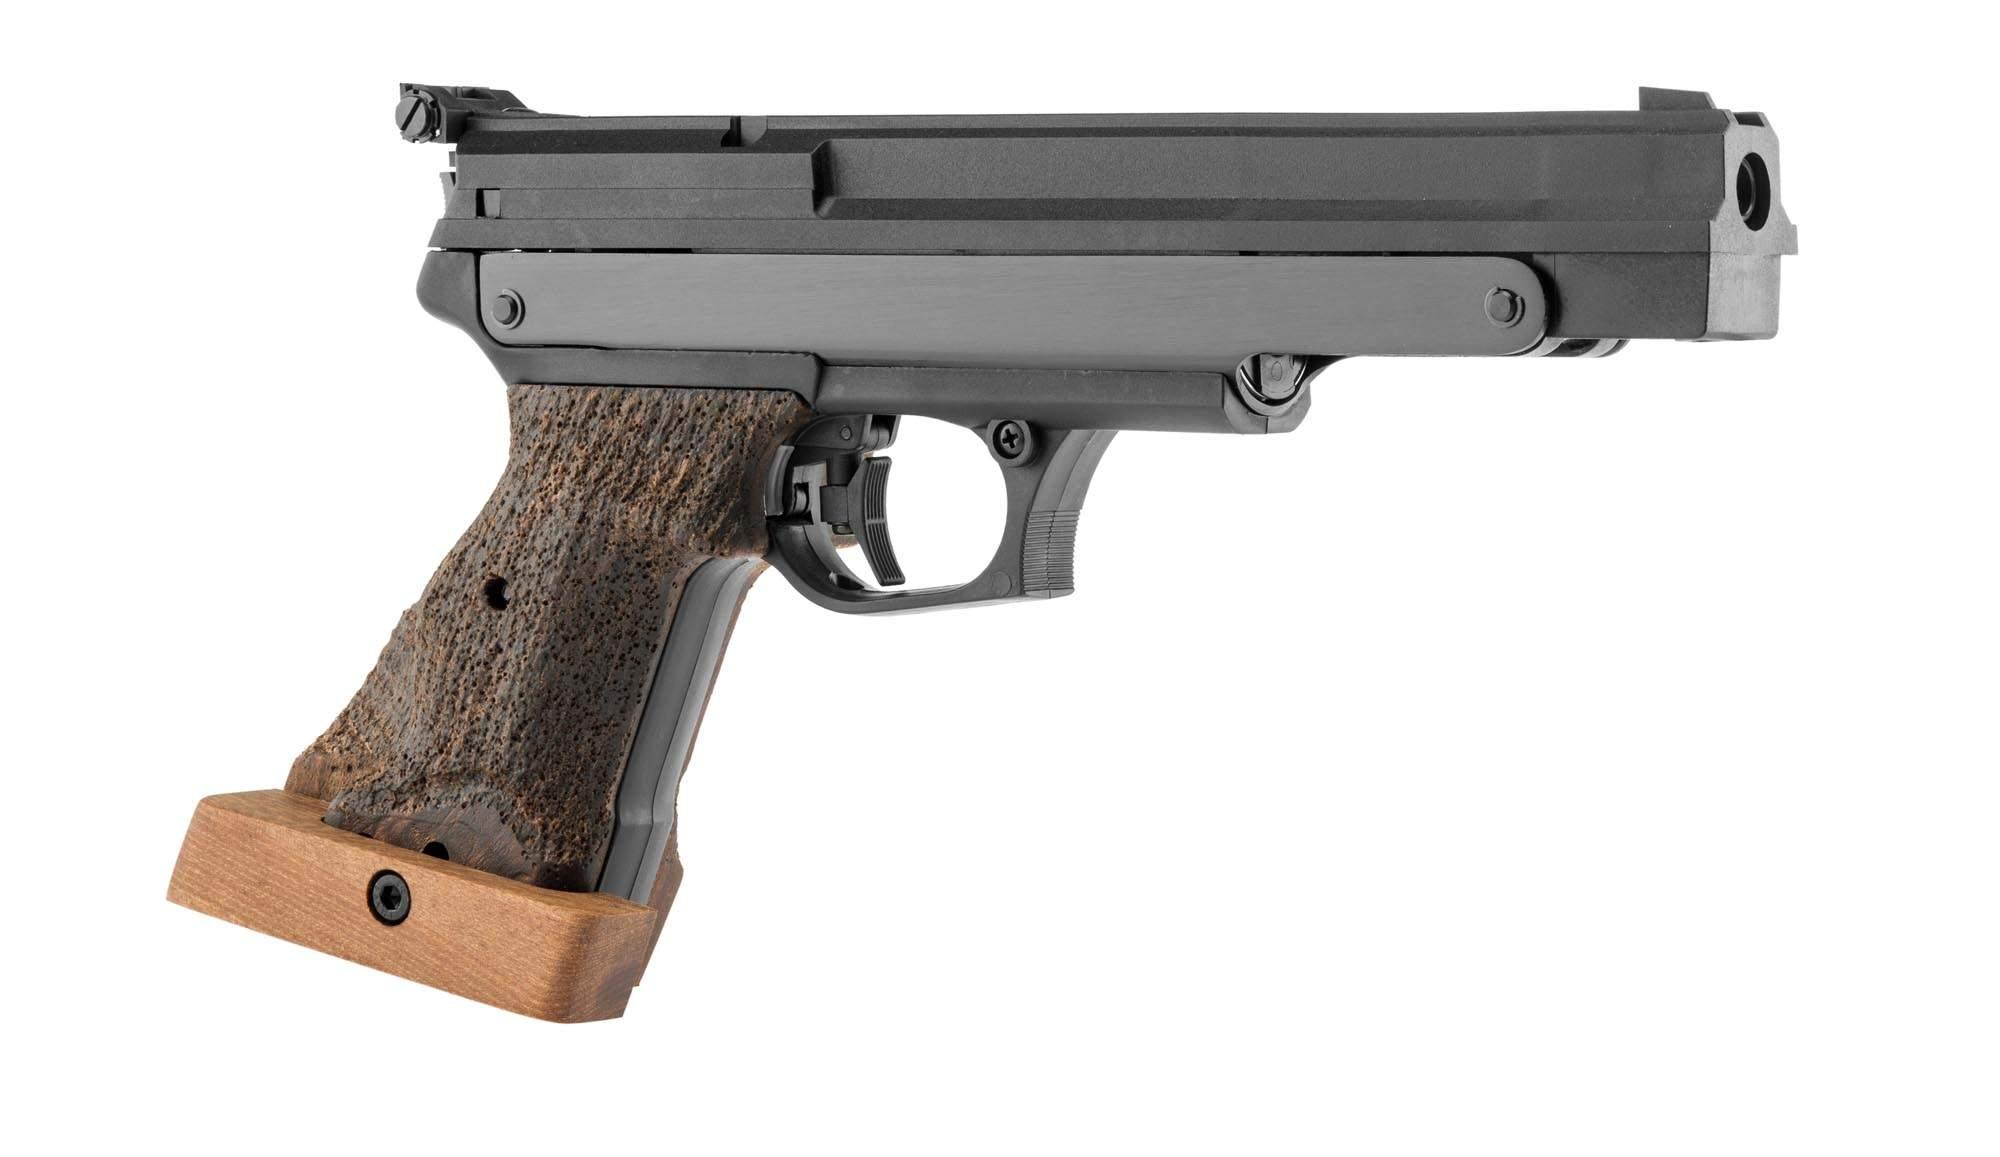 Pistolet à air comprimé GAMO « Compact » calibre 4,5 mm Diabolo